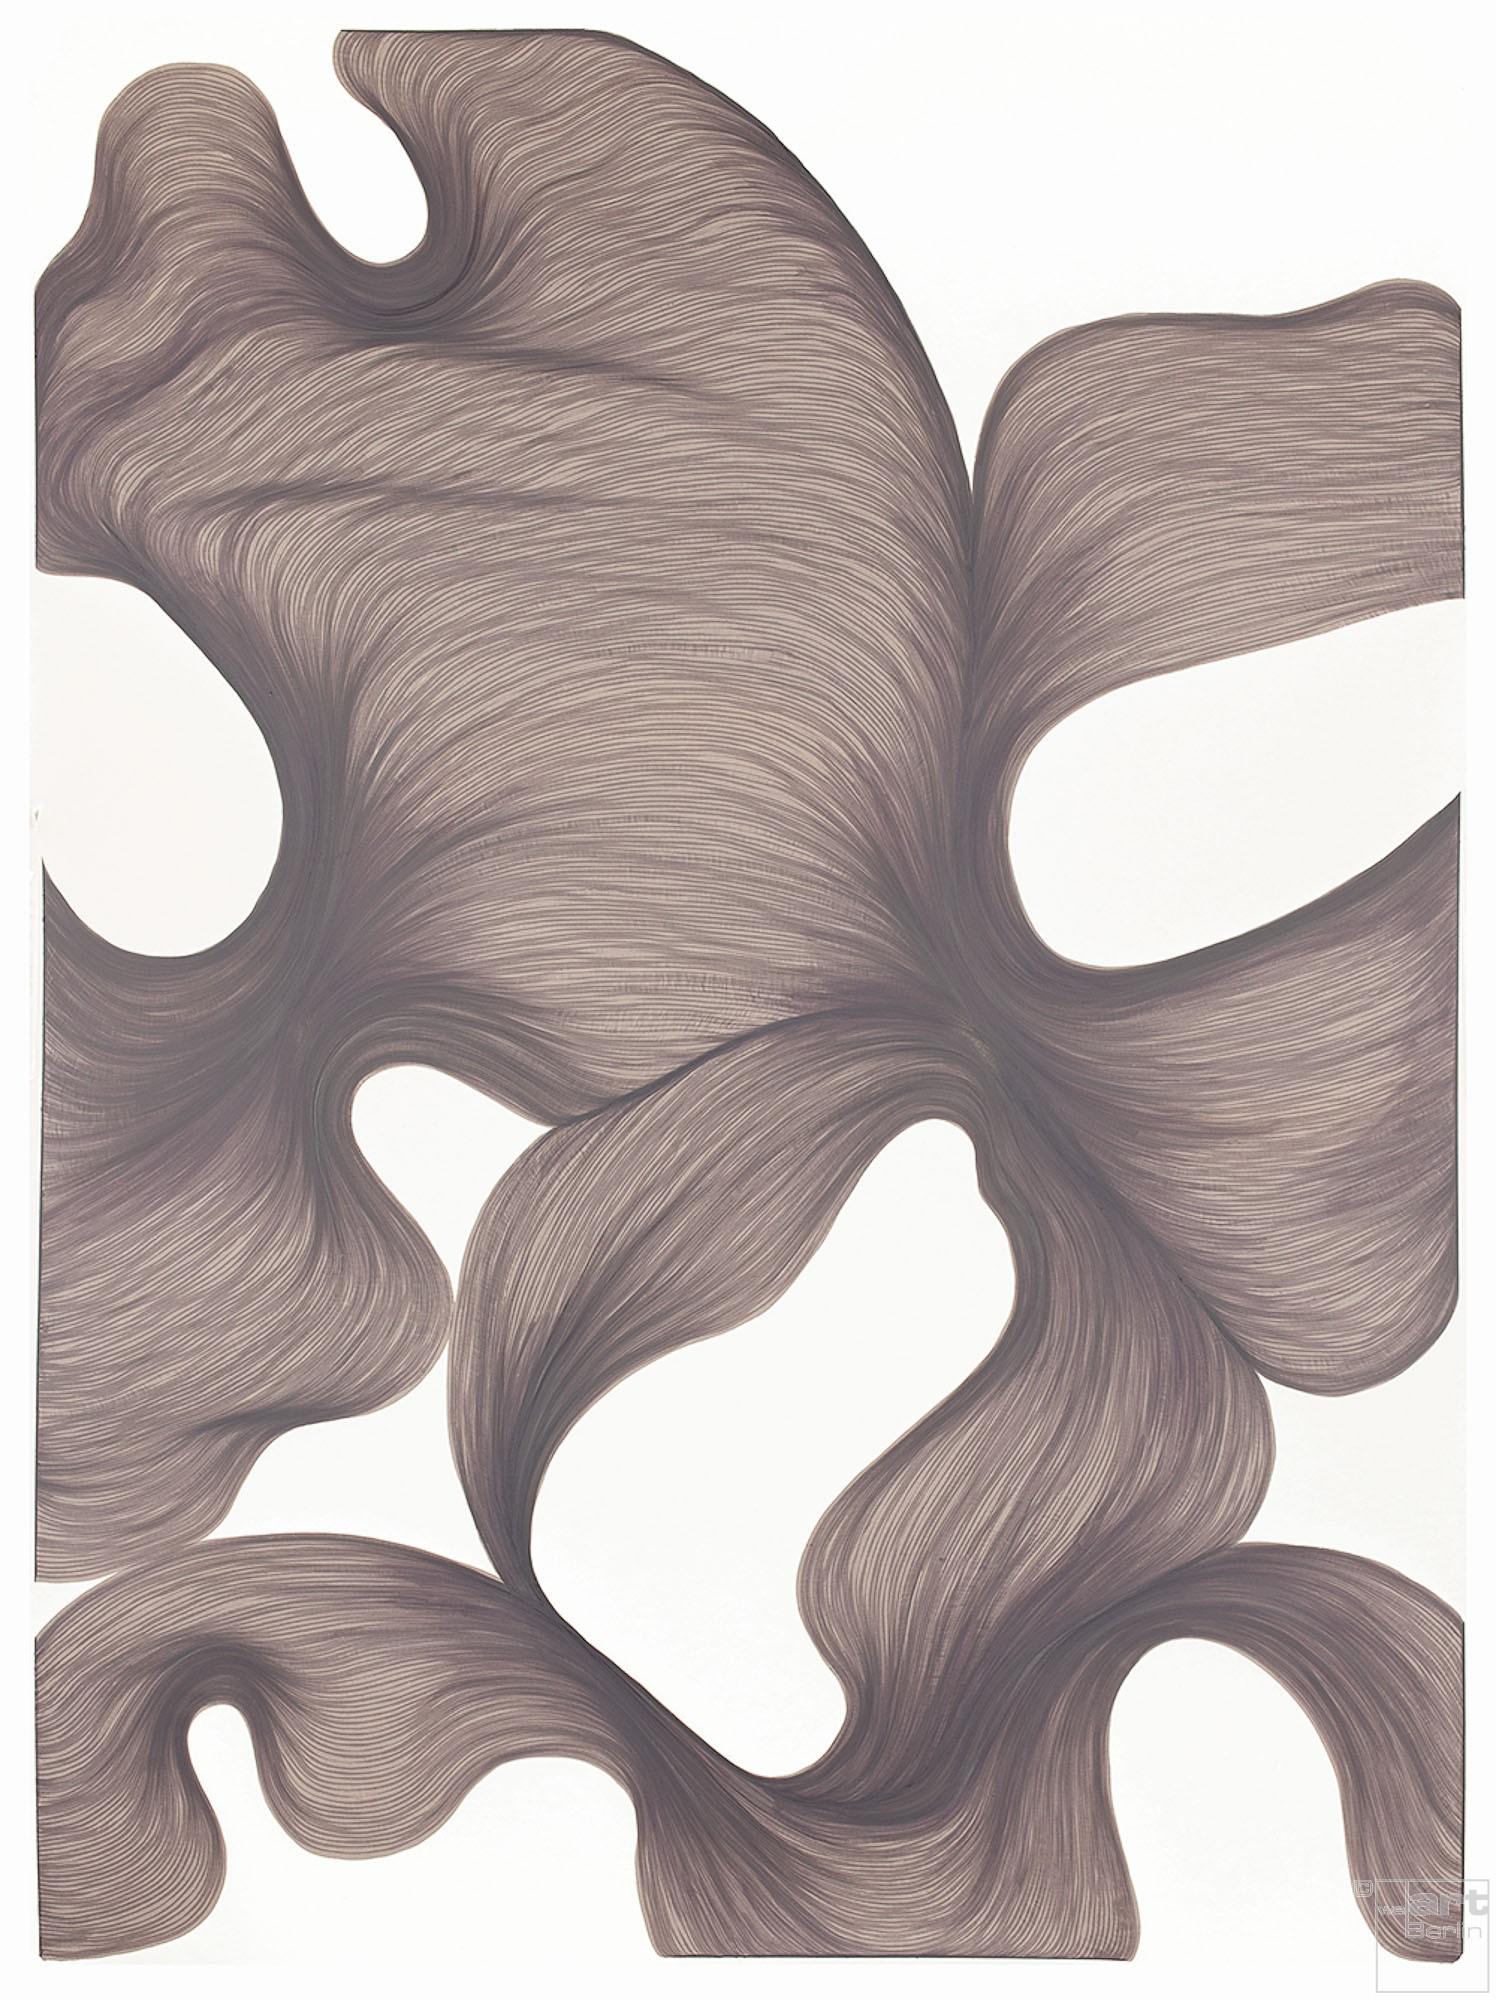 Smokey Lavender Escape | Lali Torma | Zeichnung | Kalligraphie Tinte auf Papier